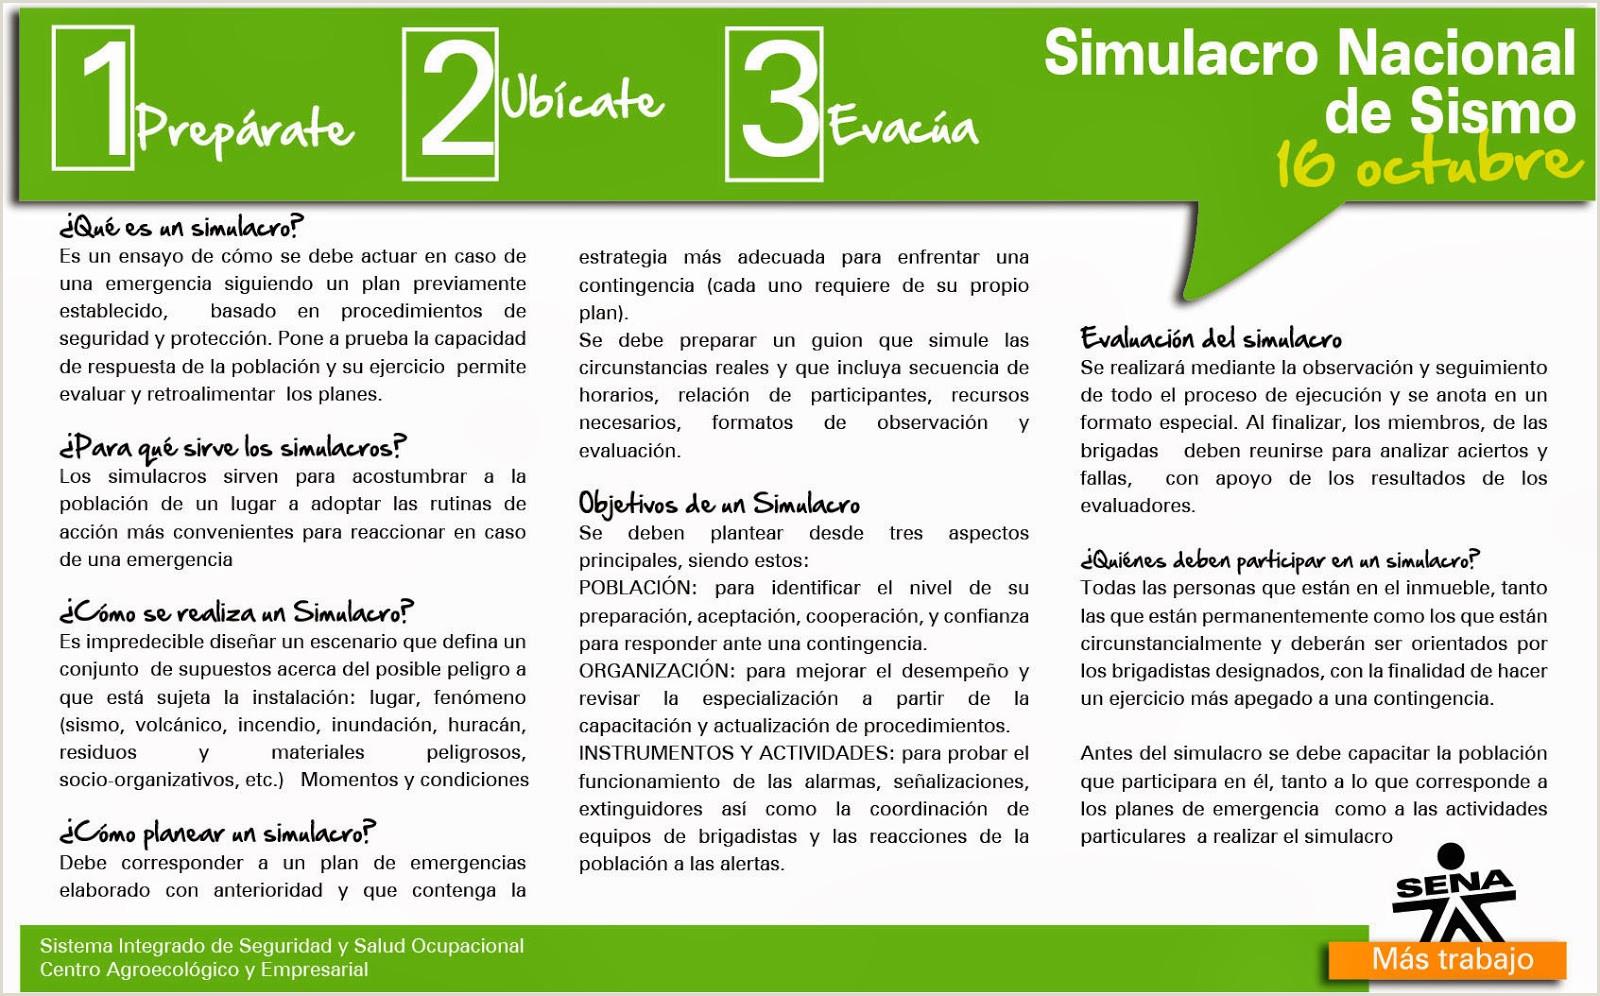 Blog Centro Agroecol³gico y Empresarial 2013